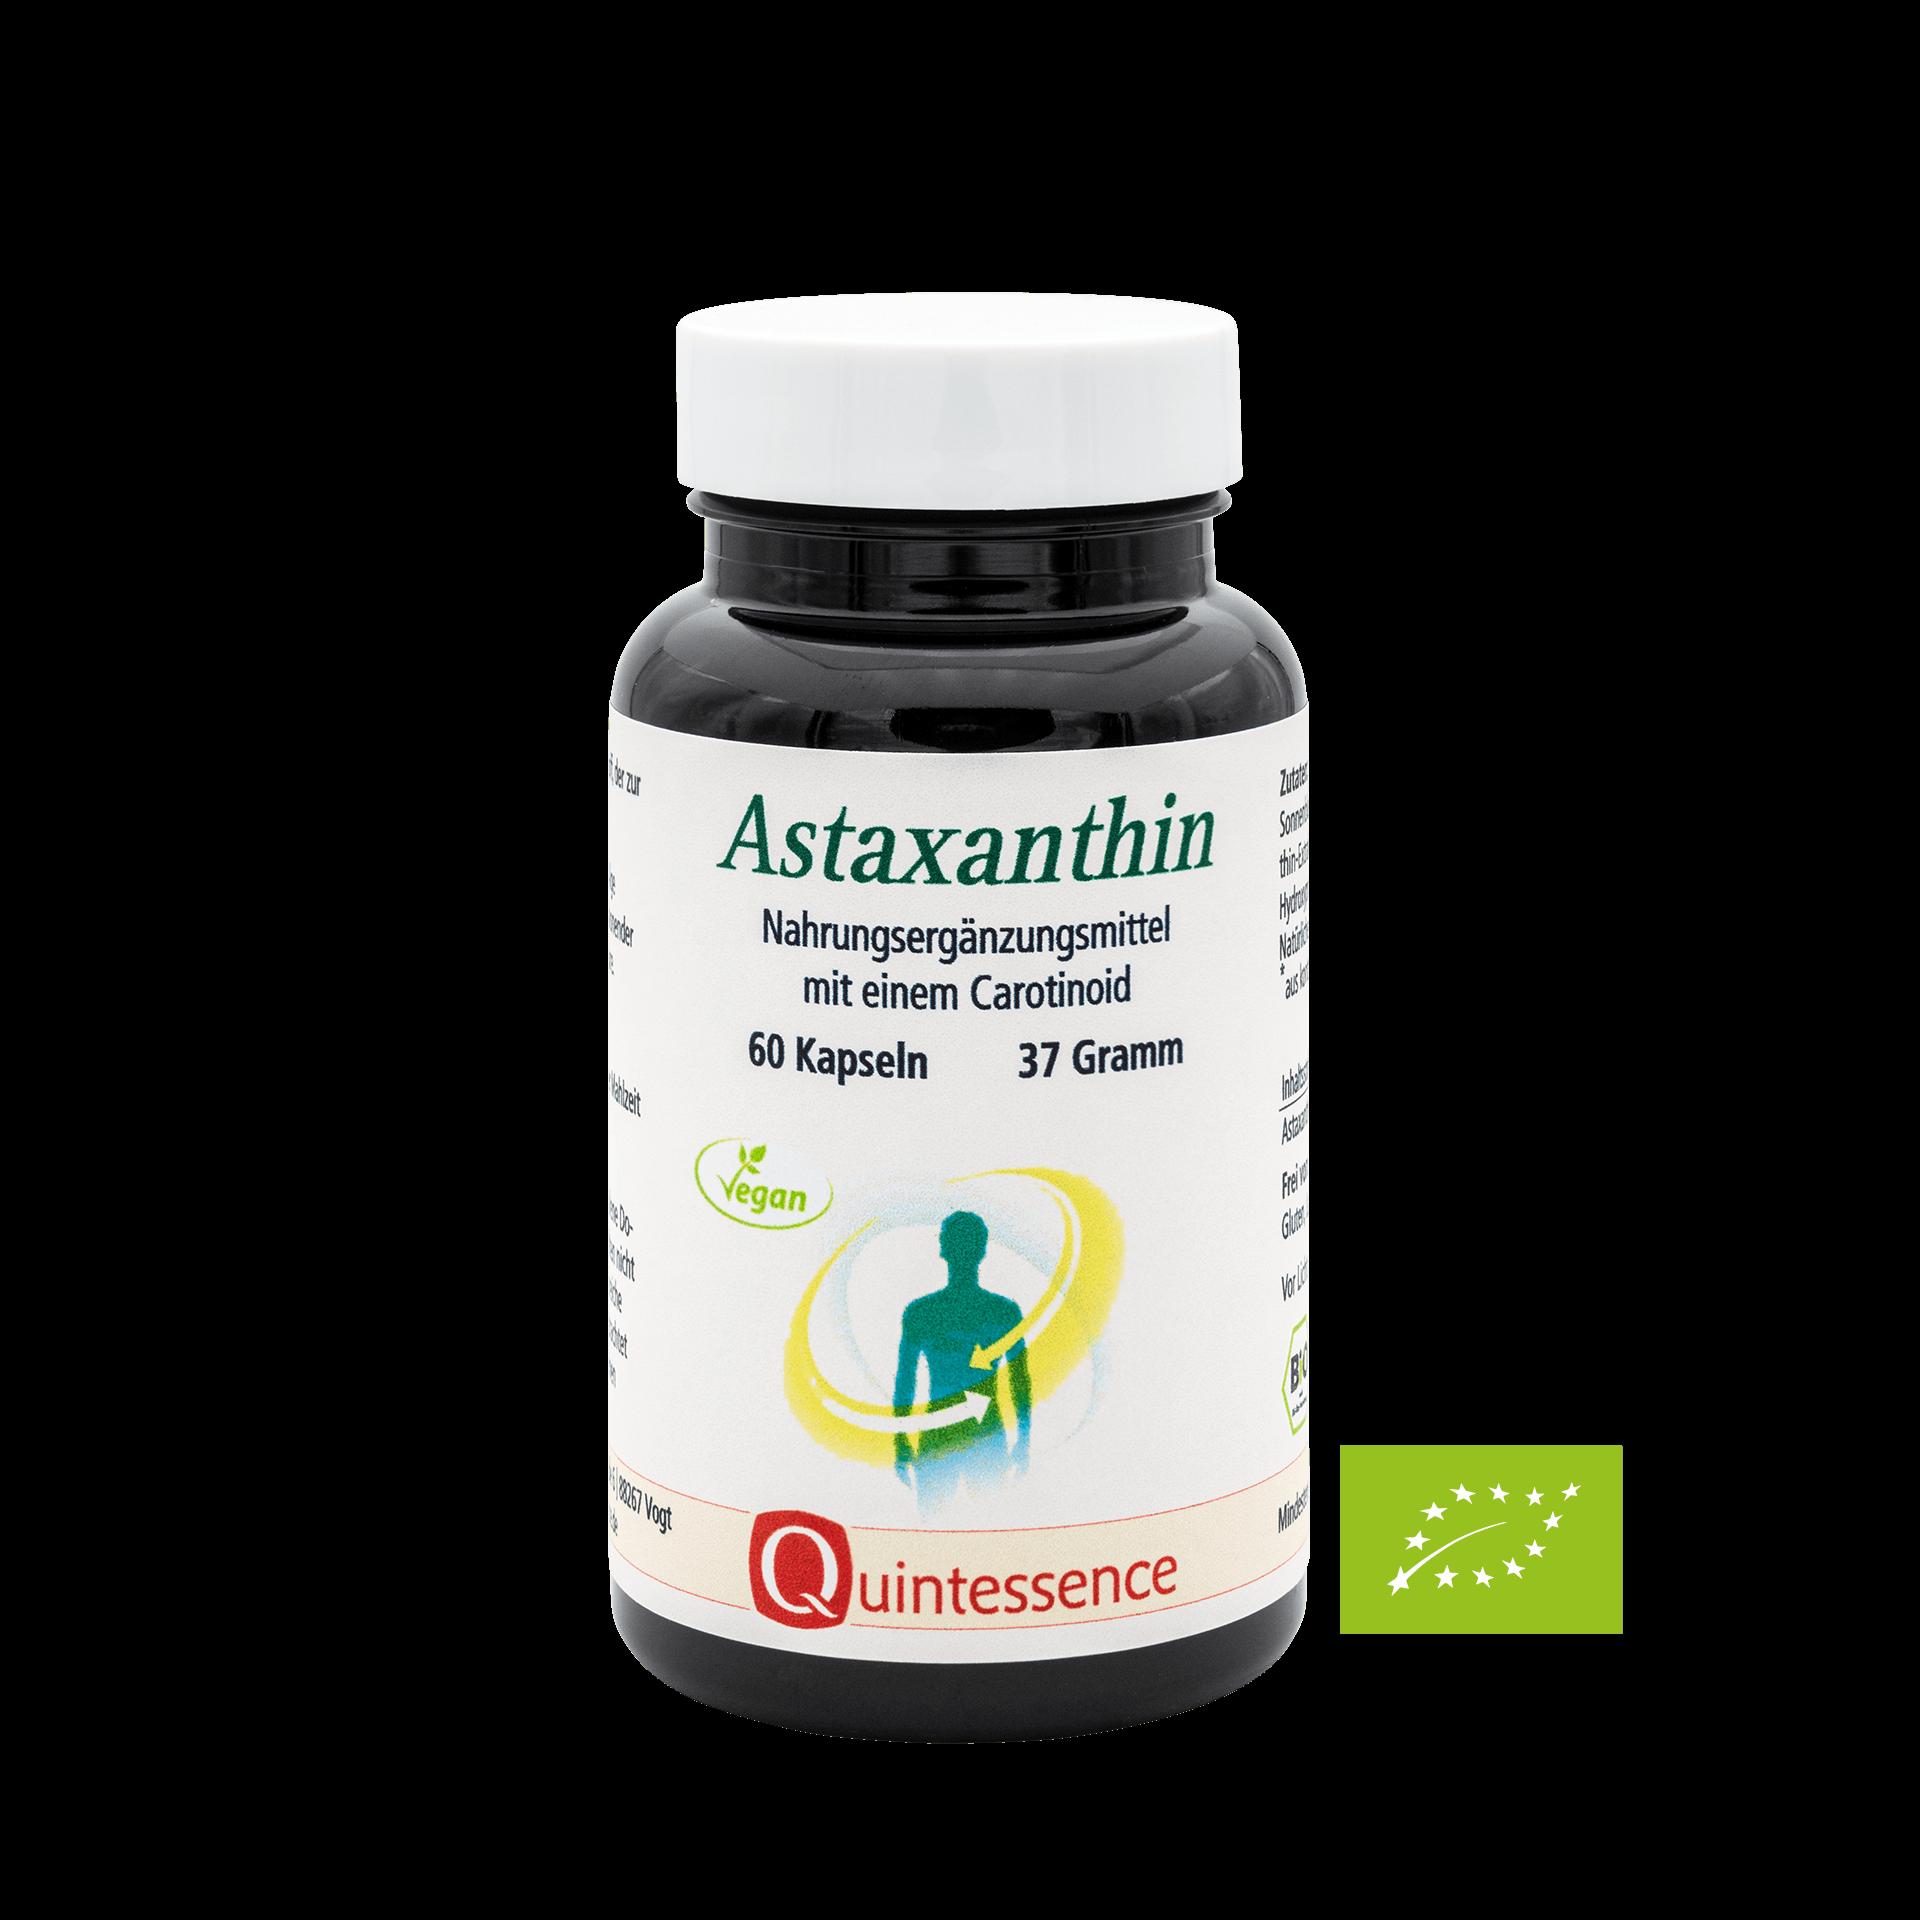 Astaxanthin, 60 Kapseln